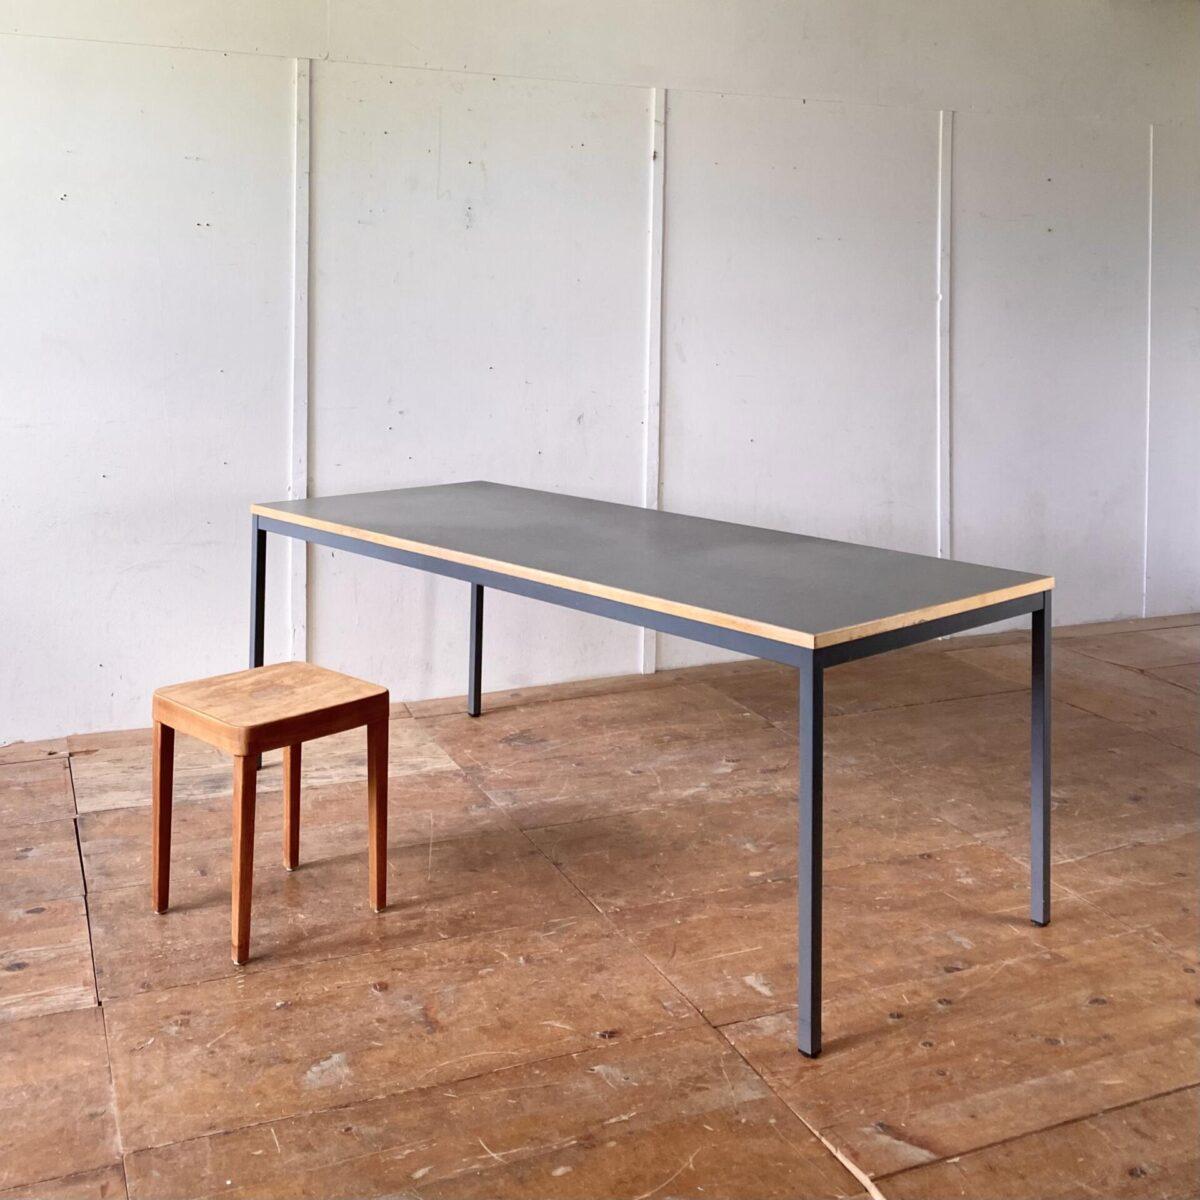 Deuxieme.shop Vintage Linoleum Tisch. Einfacher Arbeitstisch mit grau lackierten Metallbeinen. 200x80cm Höhe 73.5cm. Das Tischblatt mit grauem Linoleum und Holz Kante, hat diverse kleinere hicke und Abnutzungserscheinungen.